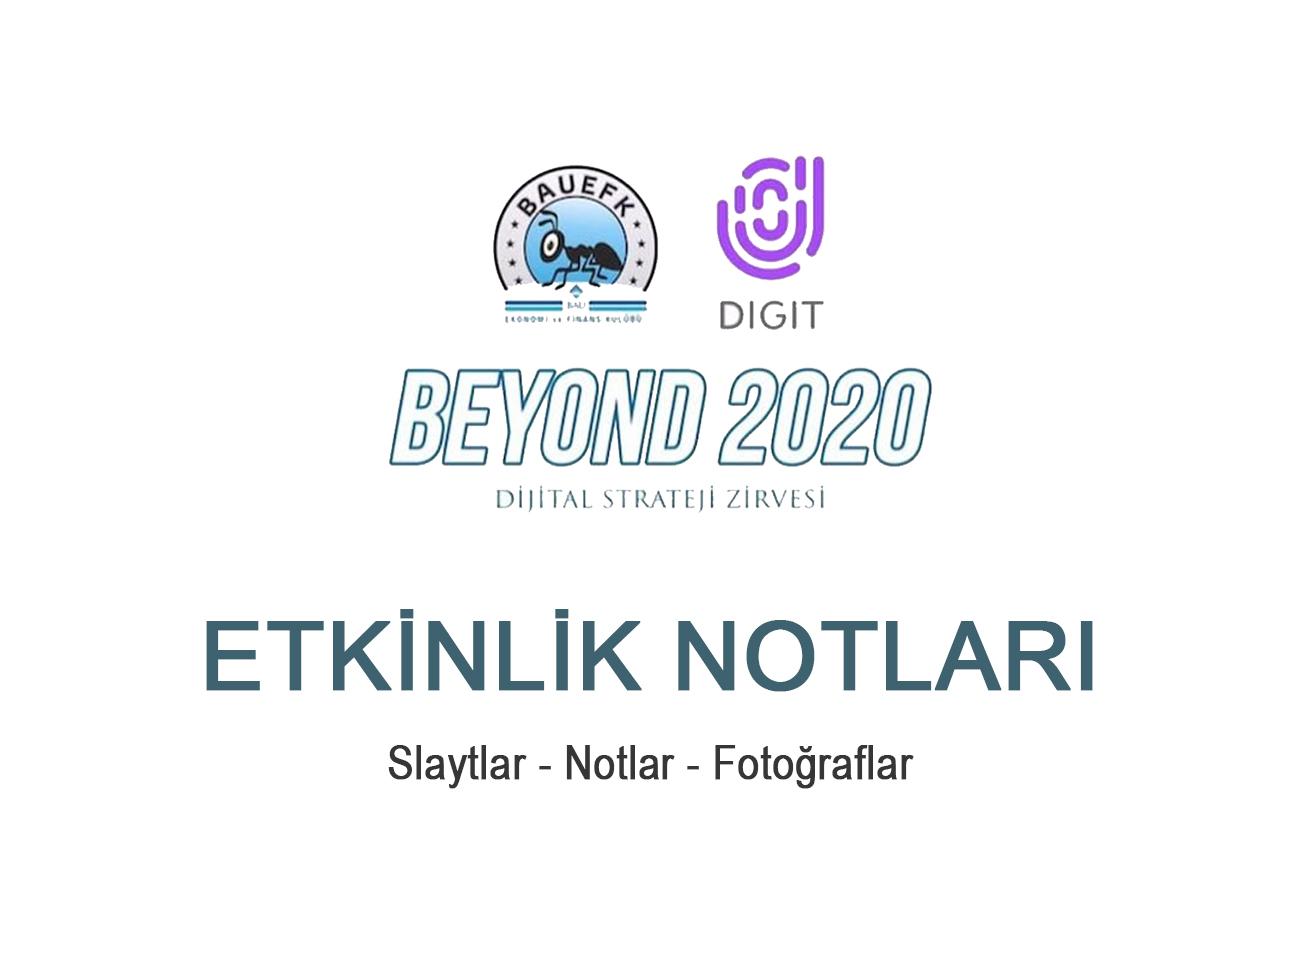 Beyond 2020 Dijital Strateji Zirvesi Notları